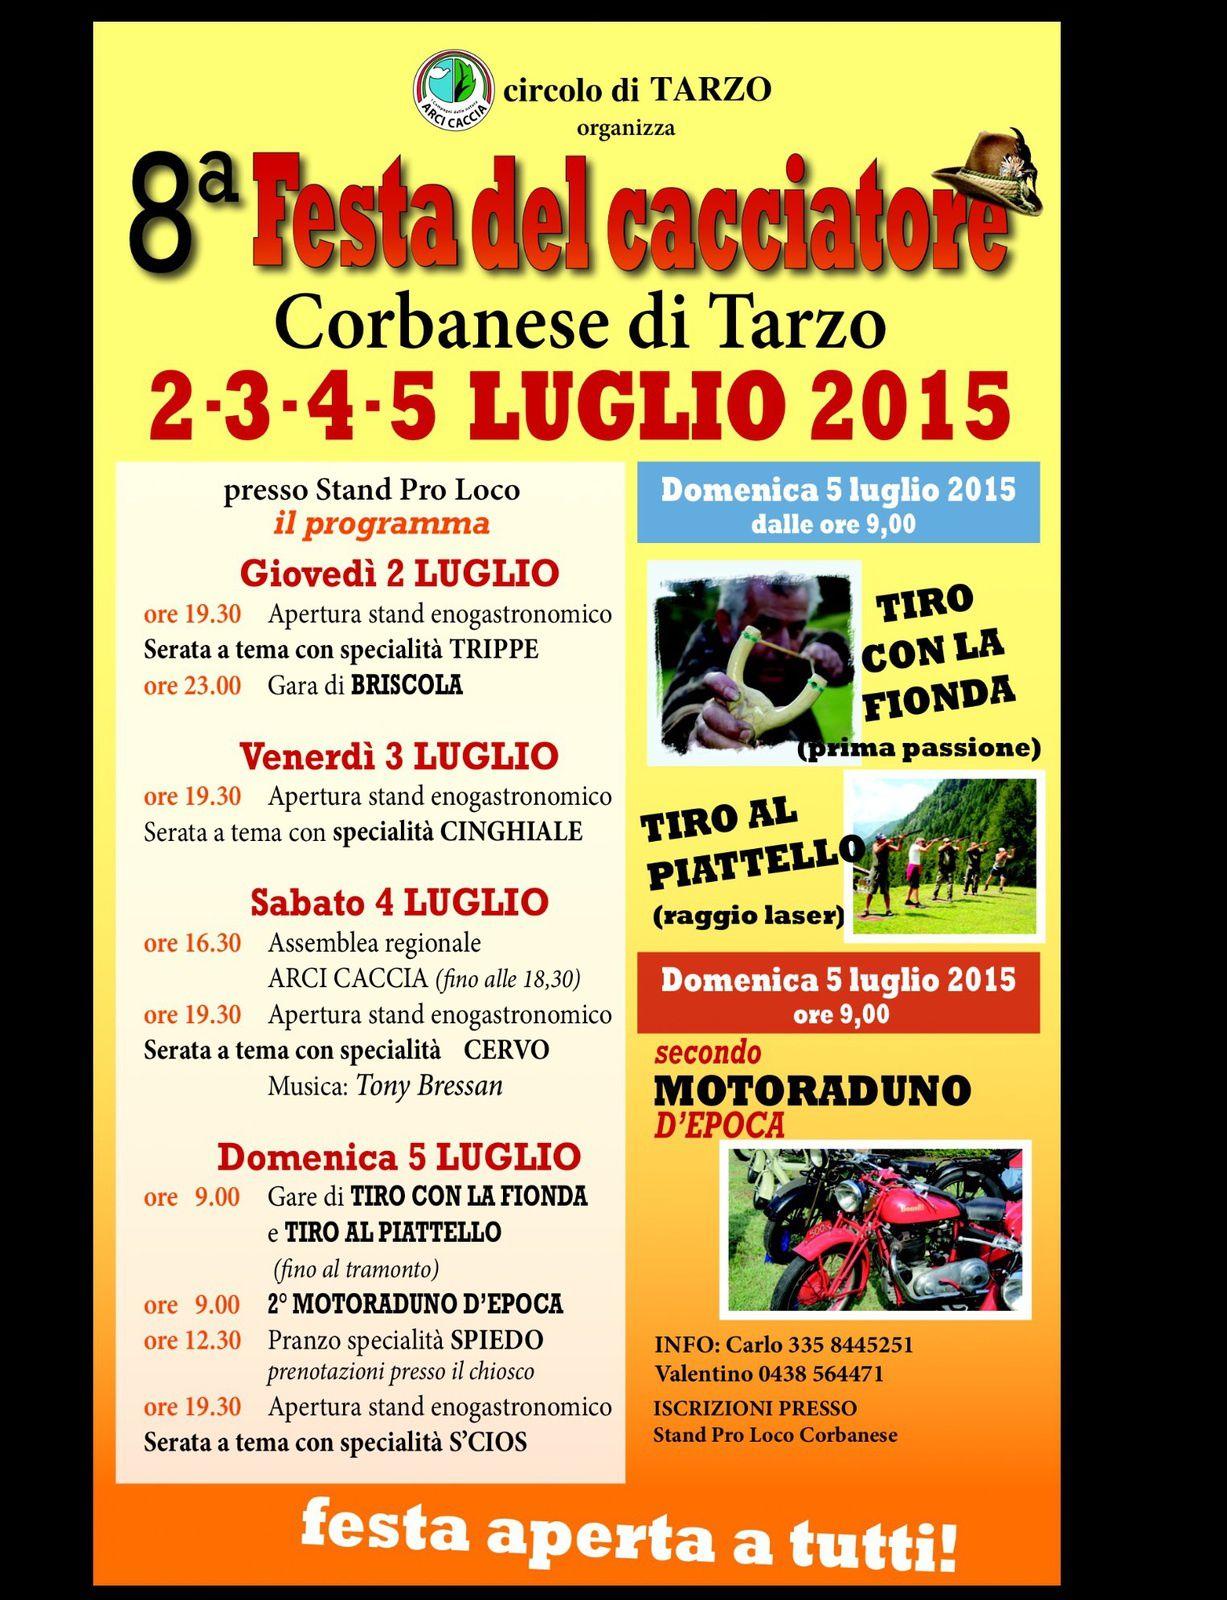 Arci Caccia. Festa del cacciatore a Tarzo(TV) dal 2 al 5 luglio